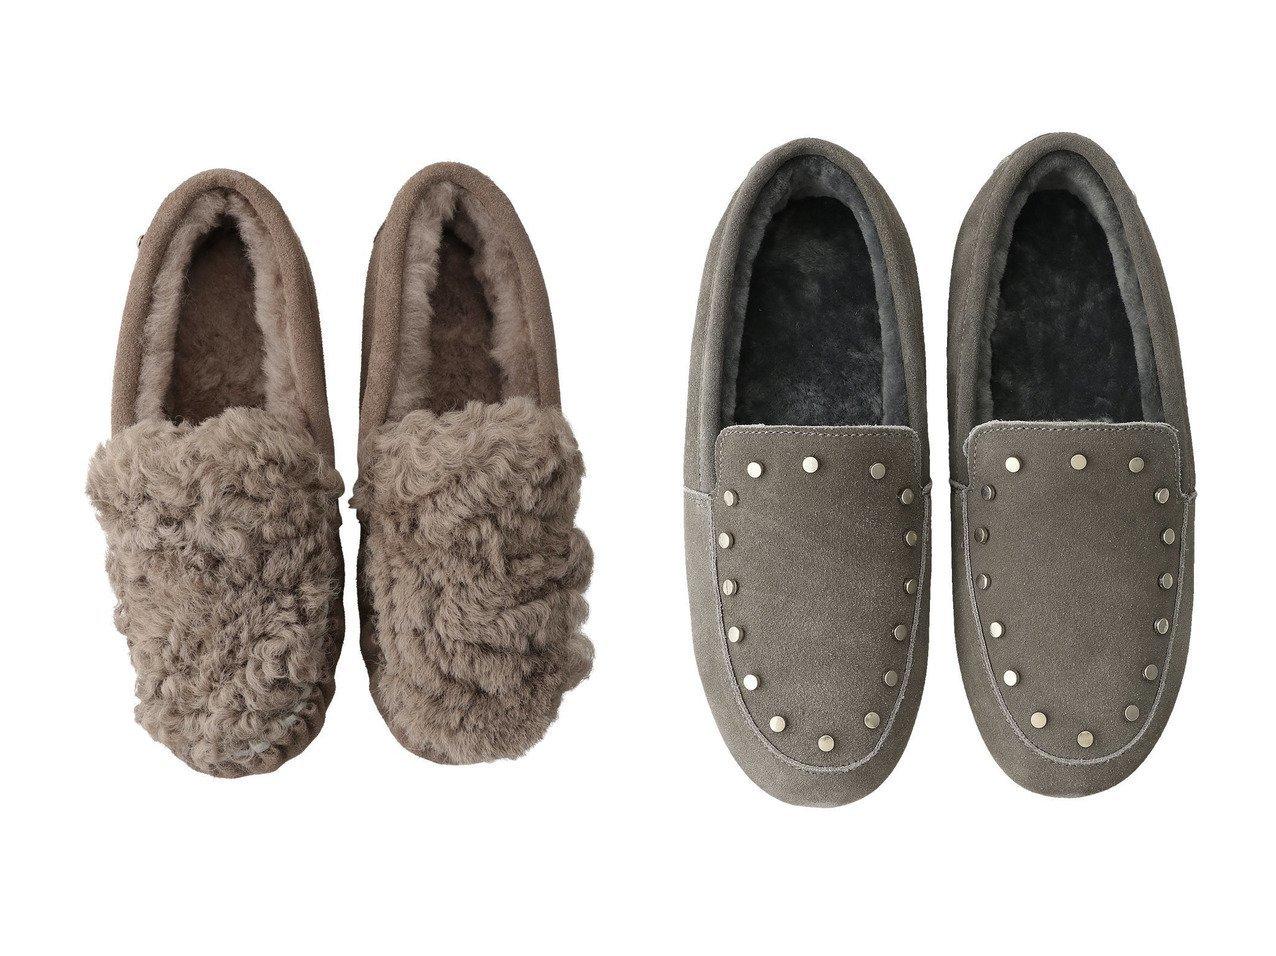 【EMU Australia/エミュ オーストラリア】のCarins Curly Fur モカシン&Crossley スタッズ付きモカシン シューズ・靴のおすすめ!人気、レディースファッションの通販  おすすめで人気のファッション通販商品 インテリア・家具・キッズファッション・メンズファッション・レディースファッション・服の通販 founy(ファニー) https://founy.com/ ファッション Fashion レディース WOMEN シューズ フラット |ID:crp329100000000097